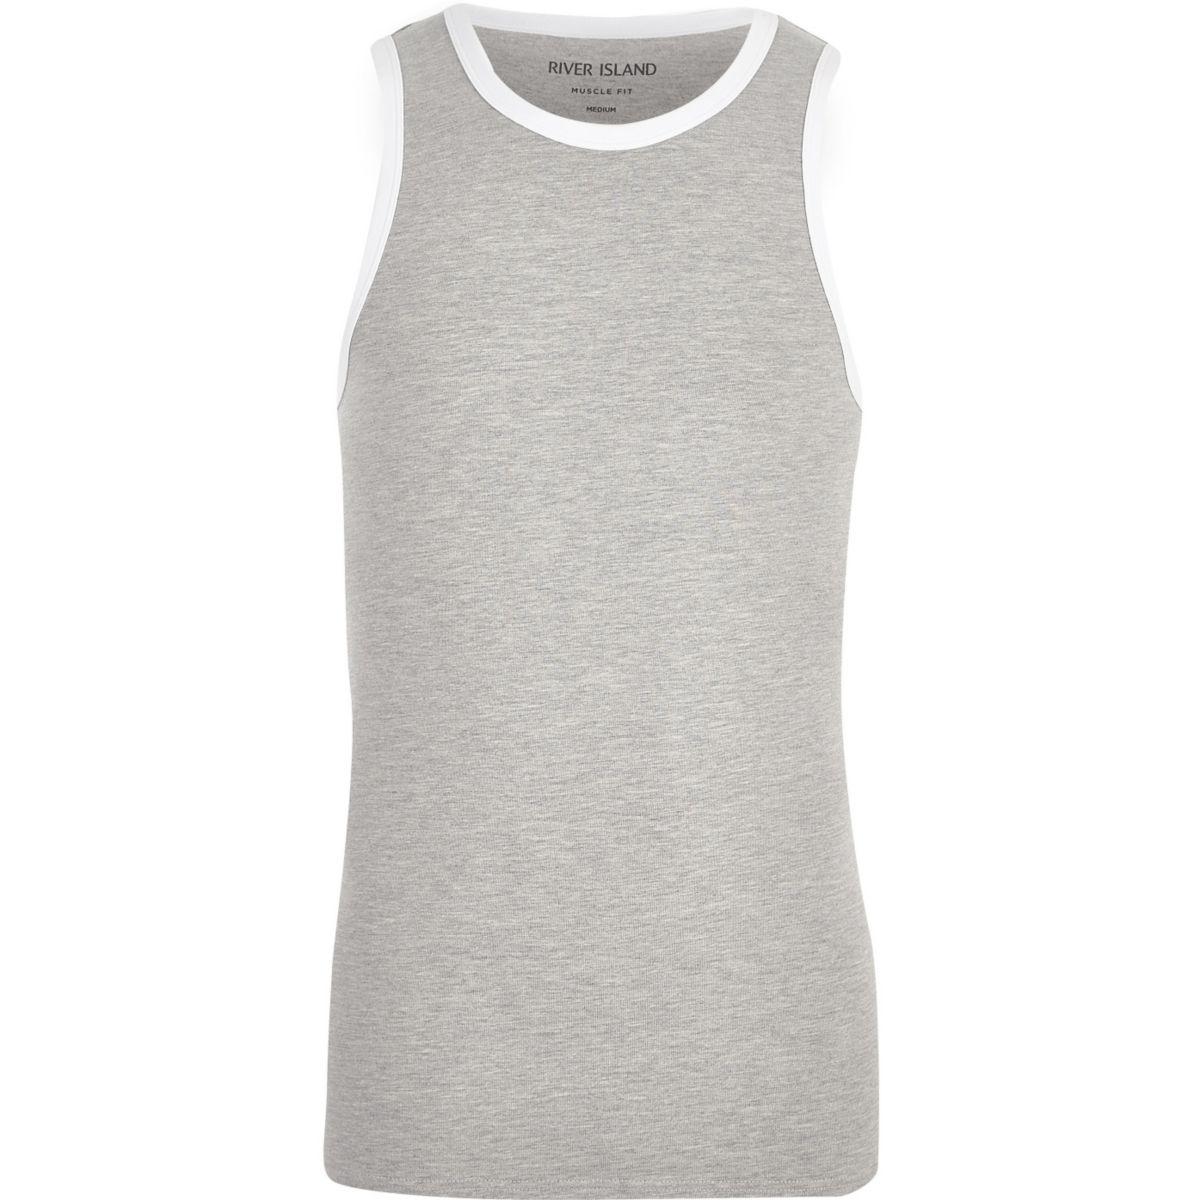 Grey muscle fit ringer vest